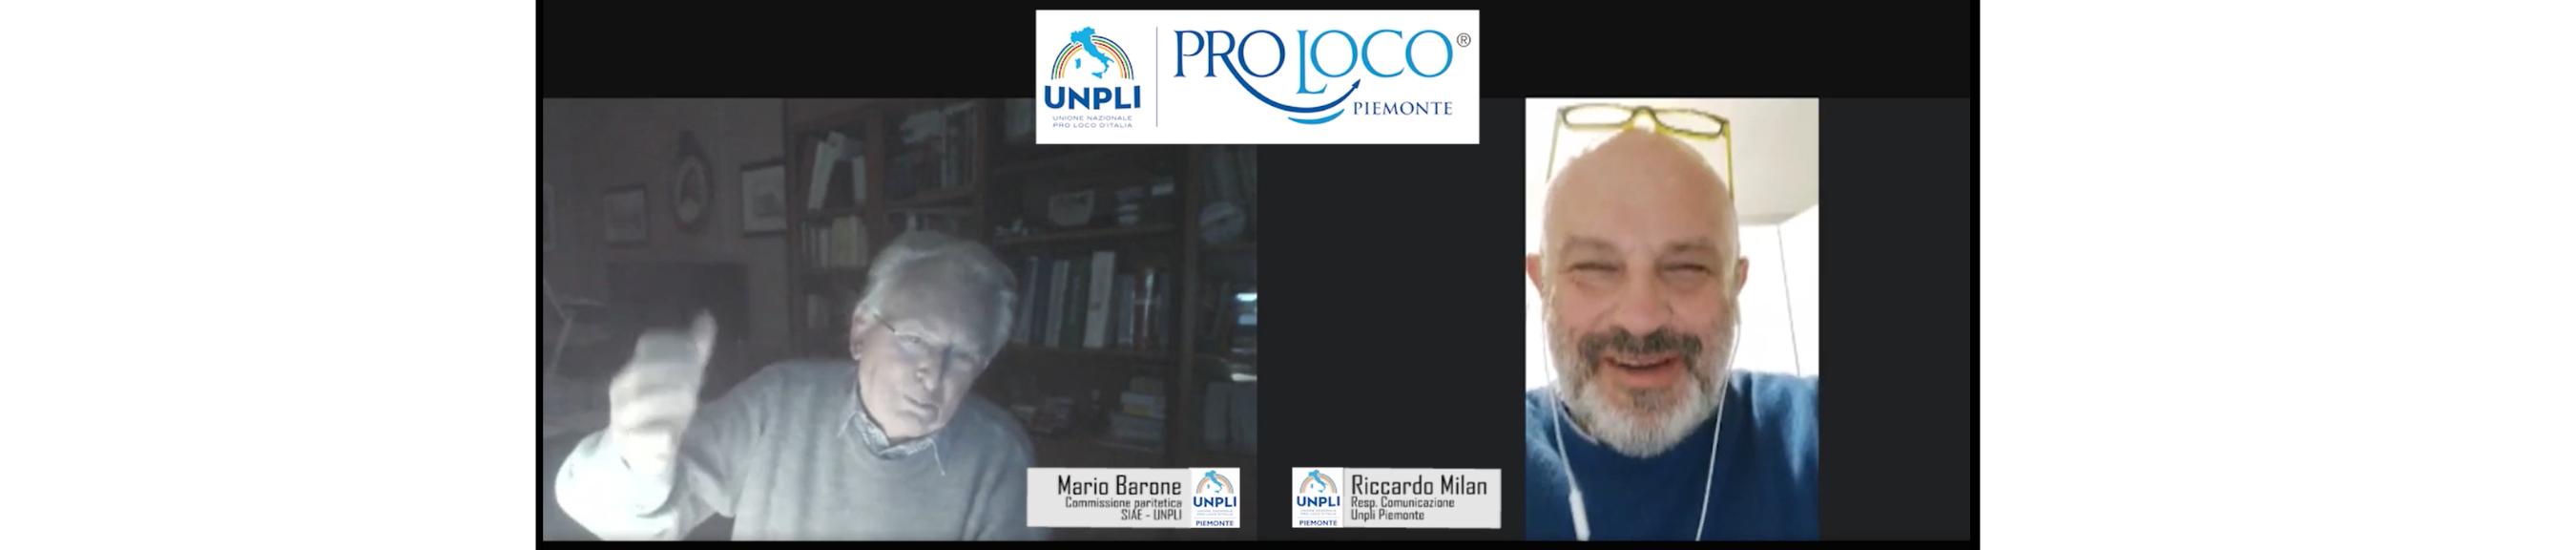 Le Pro Loco e i Diritti d'Autore. Intervista video a Mario Barone